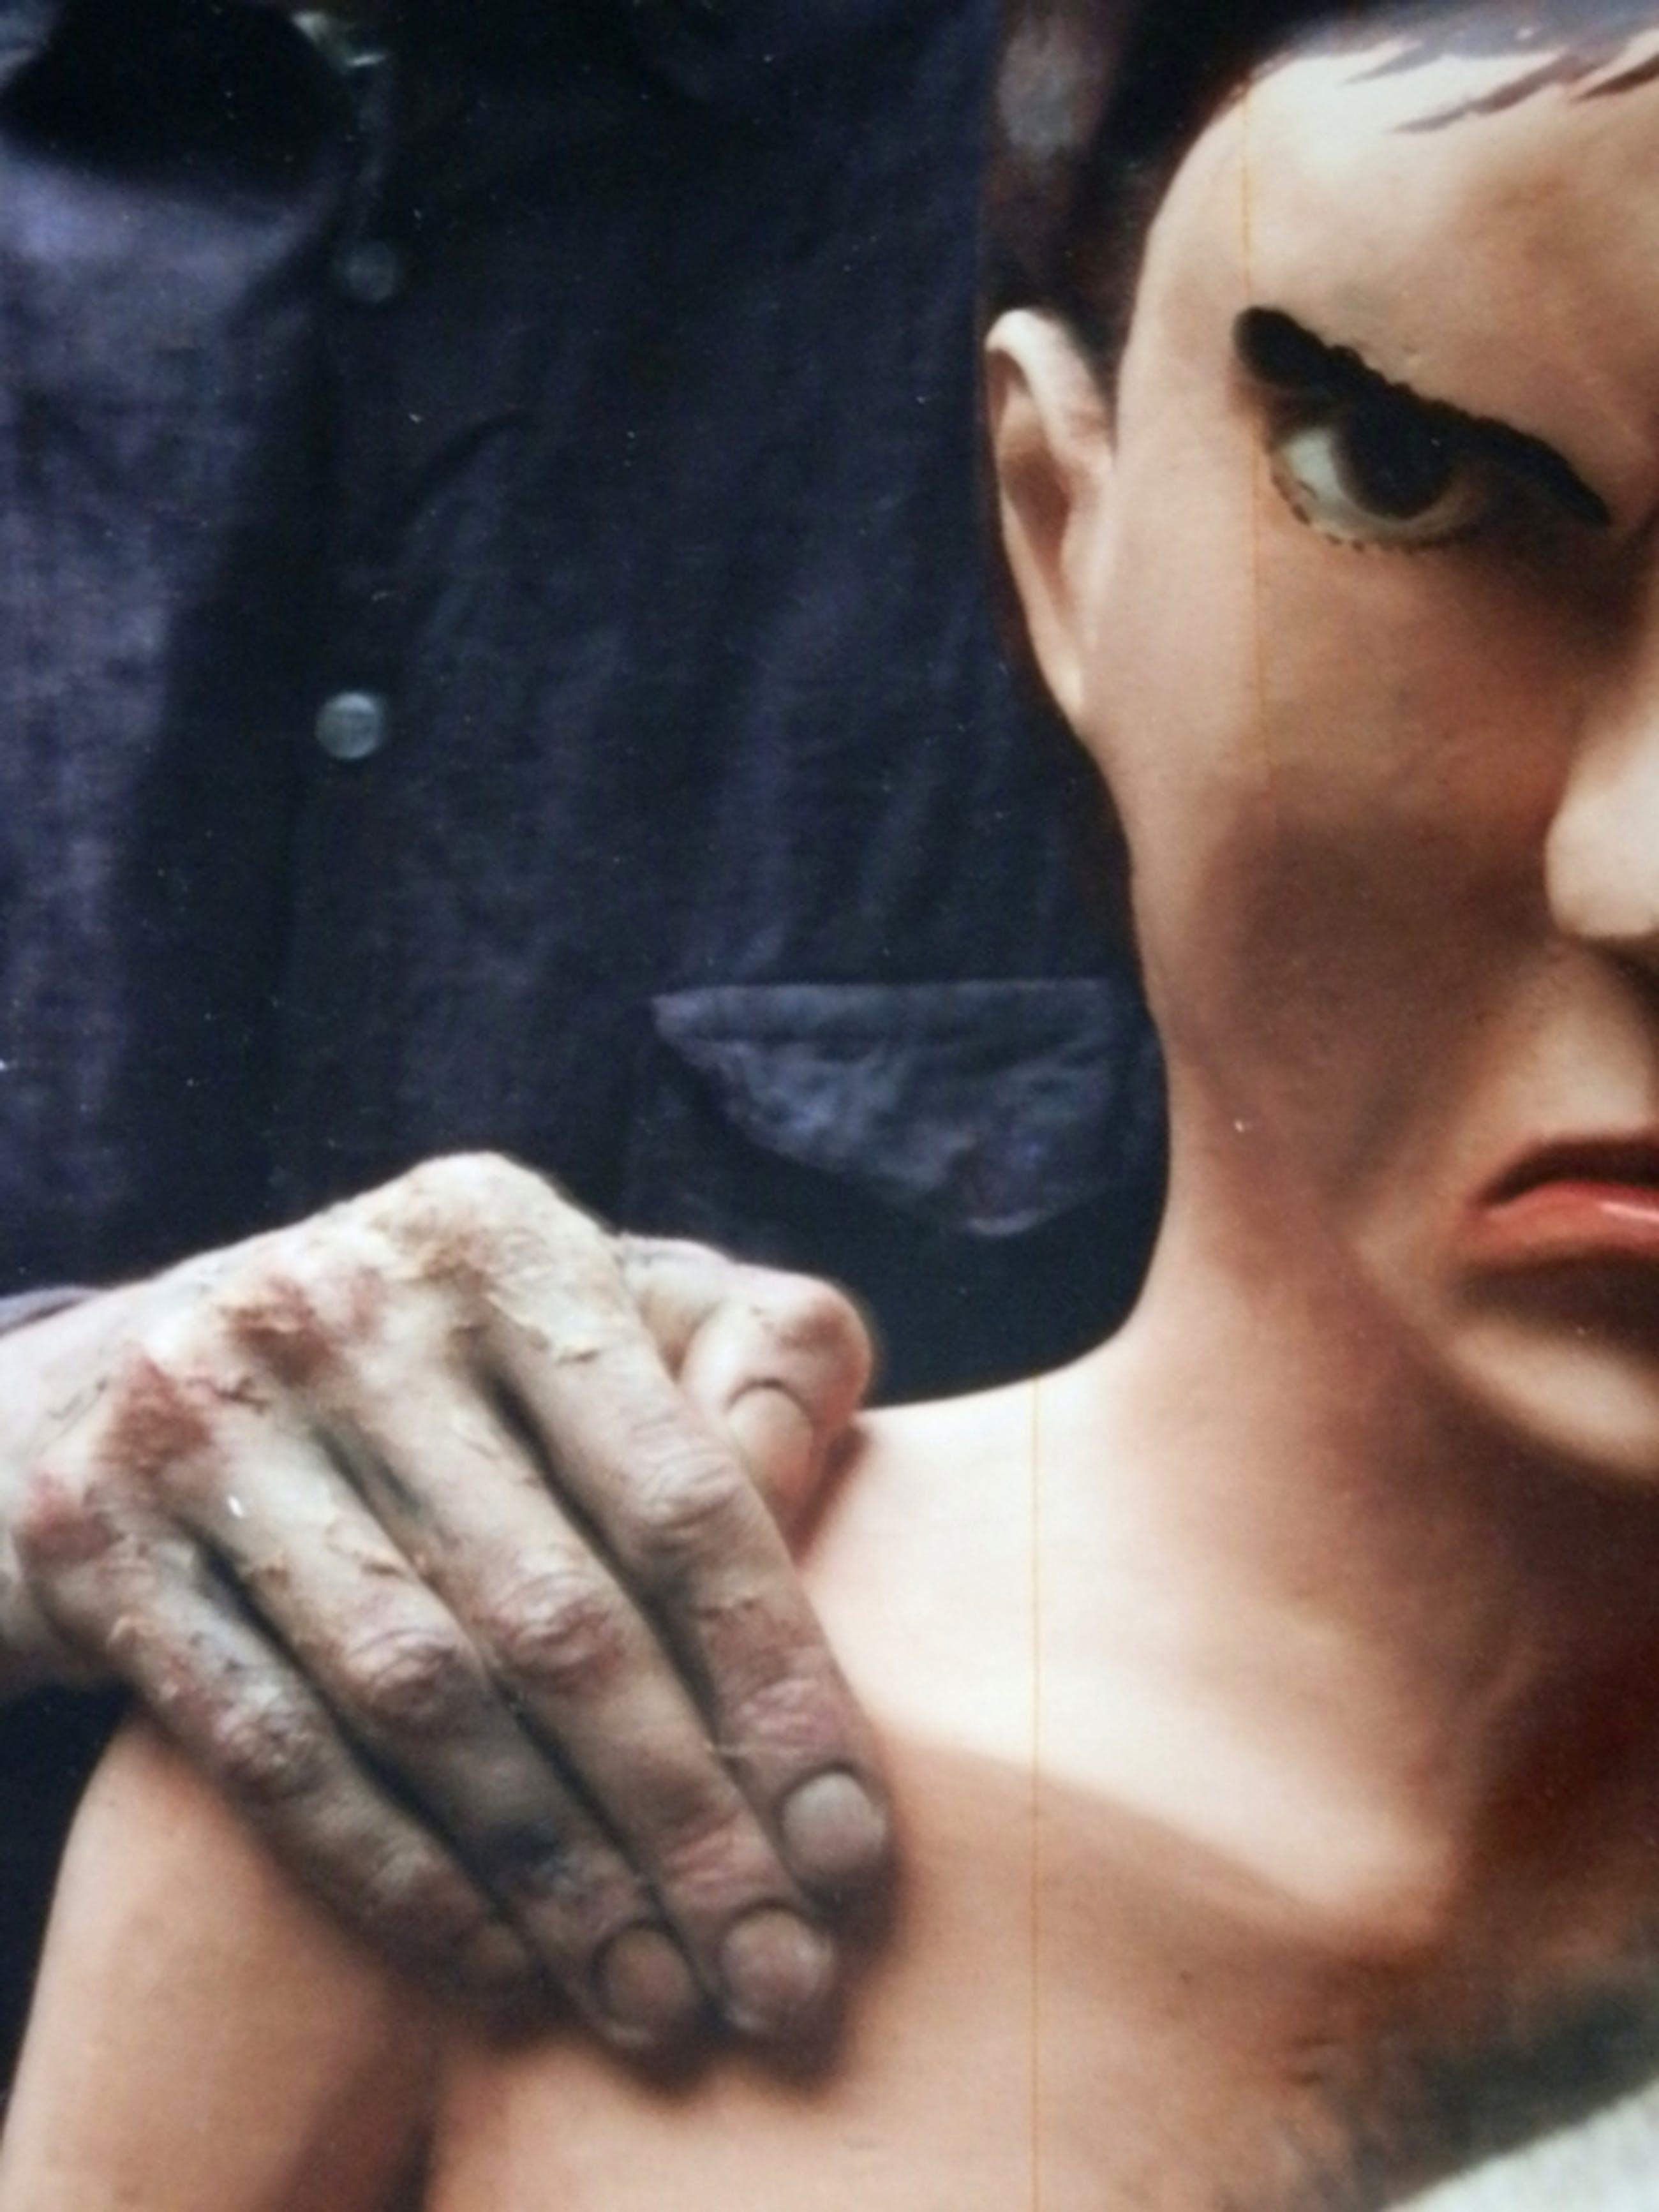 Paul de Reus, Foto/Poster (unica), Zelfportret als oude man, 1995 kopen? Bied vanaf 150!